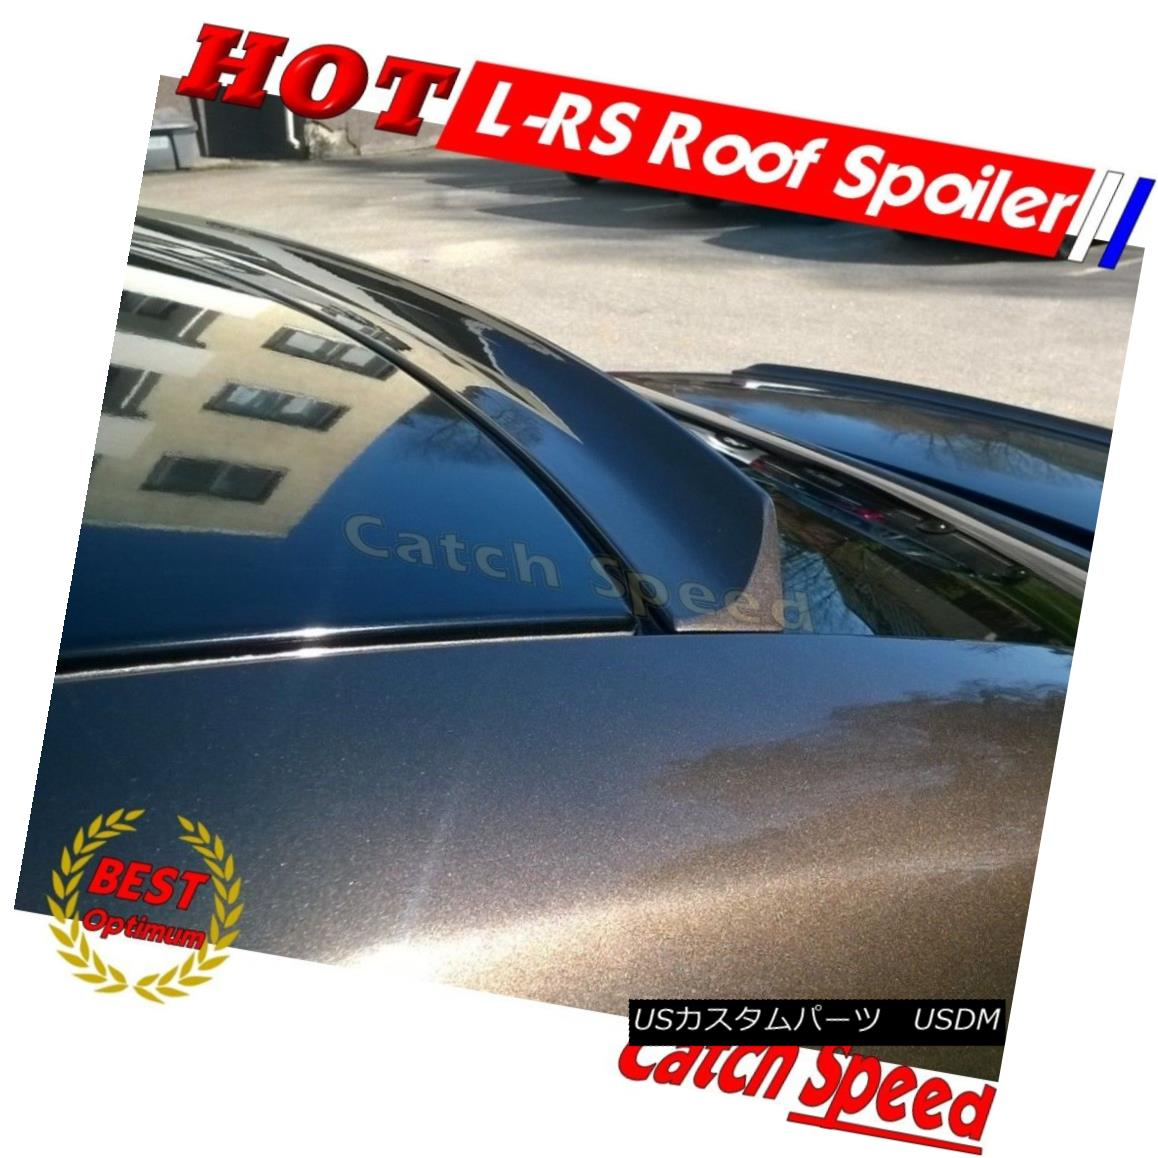 エアロパーツ Flat Black L Style Rear Window Roof Spoiler For 2007~08 M-Benz CLK W209 Coupe ? フラットブラックLスタイルリアウィンドウルーフスポイラー2007?08 M-Benz CLK W209 Coupe?